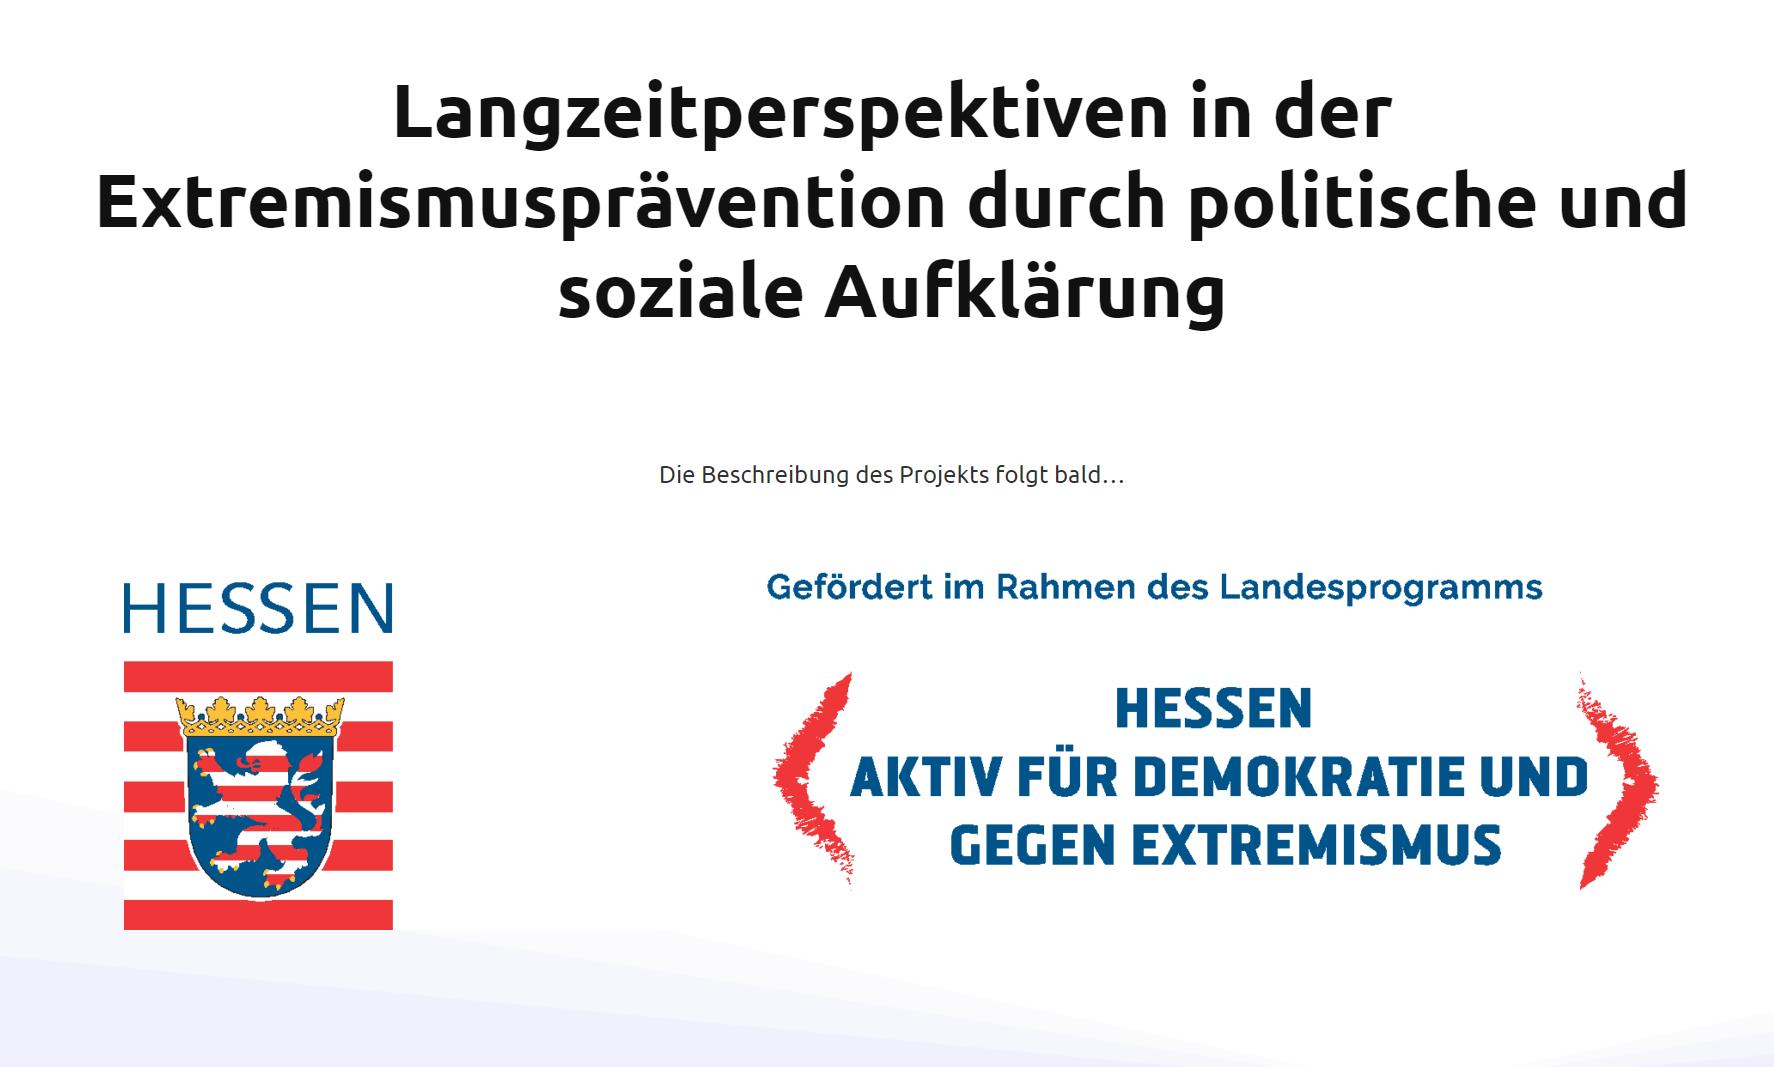 Projekt Langzeitperspektiven in der Extremismusprävention durch politische und soziale Aufklärung